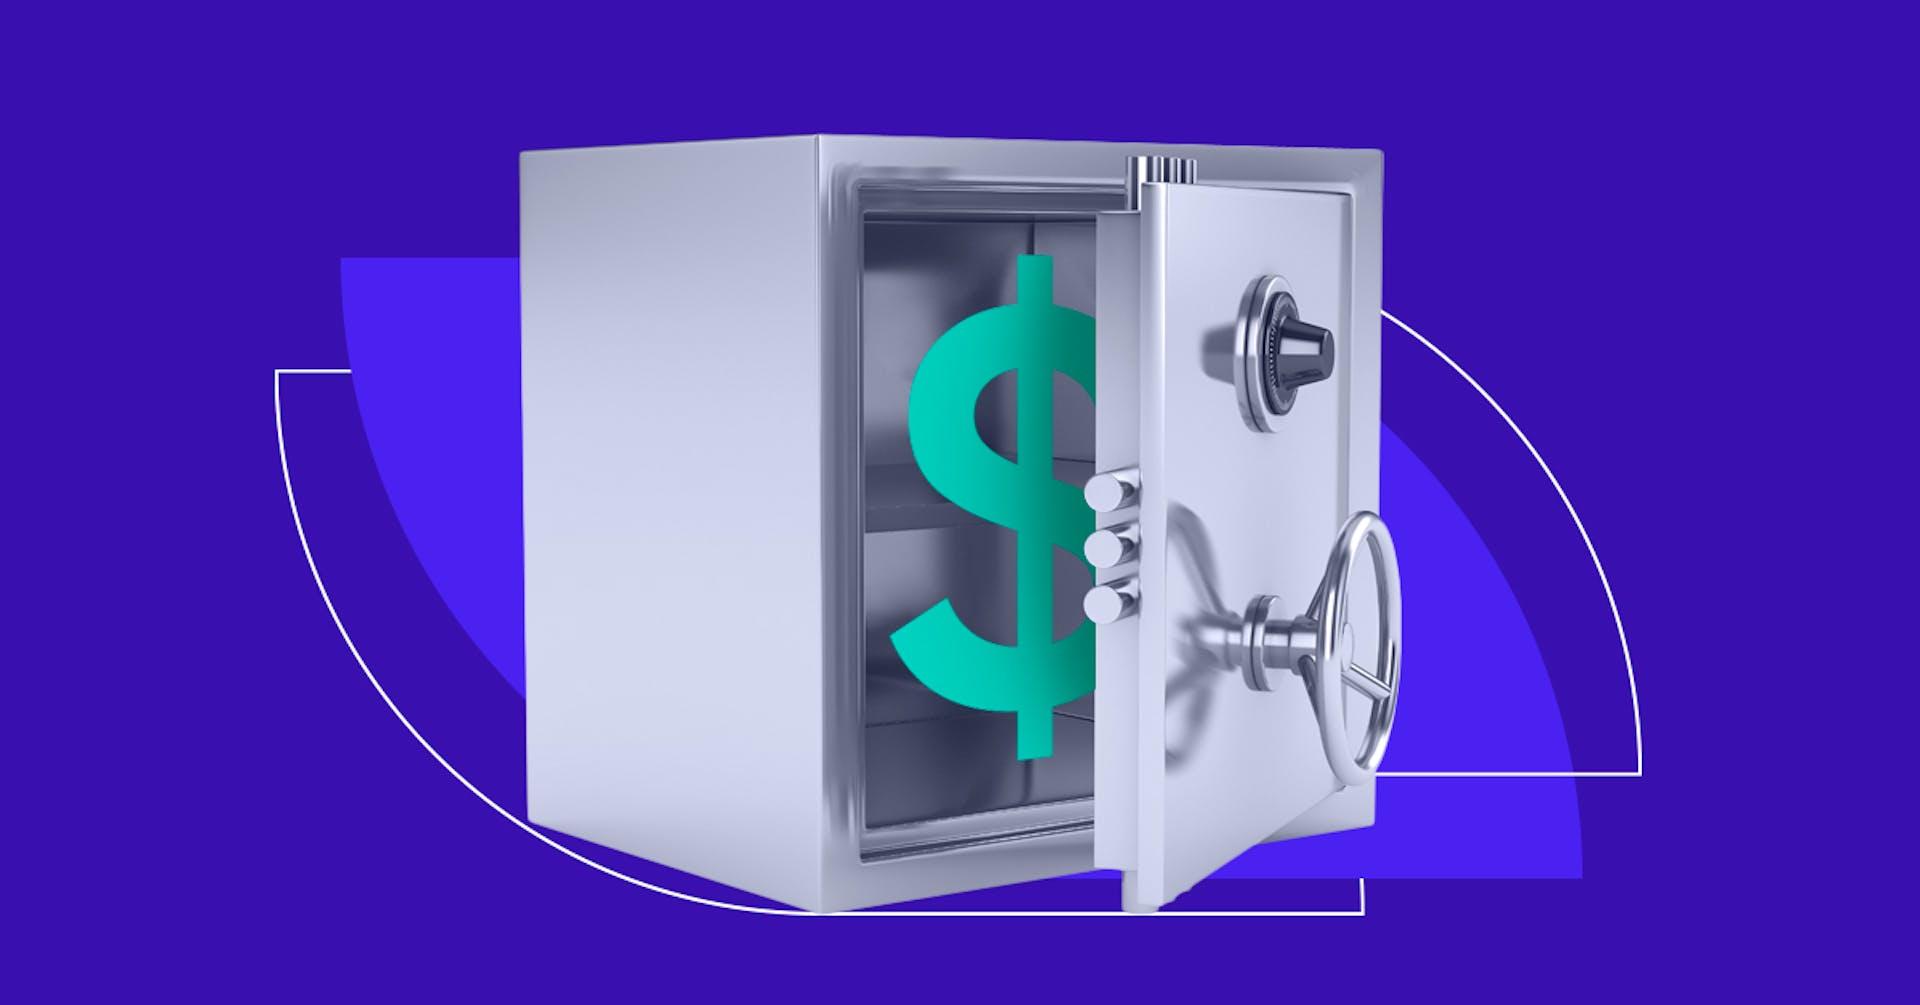 Aplica estos hábitos financieros y conviértete en un asesor de finanzas personales